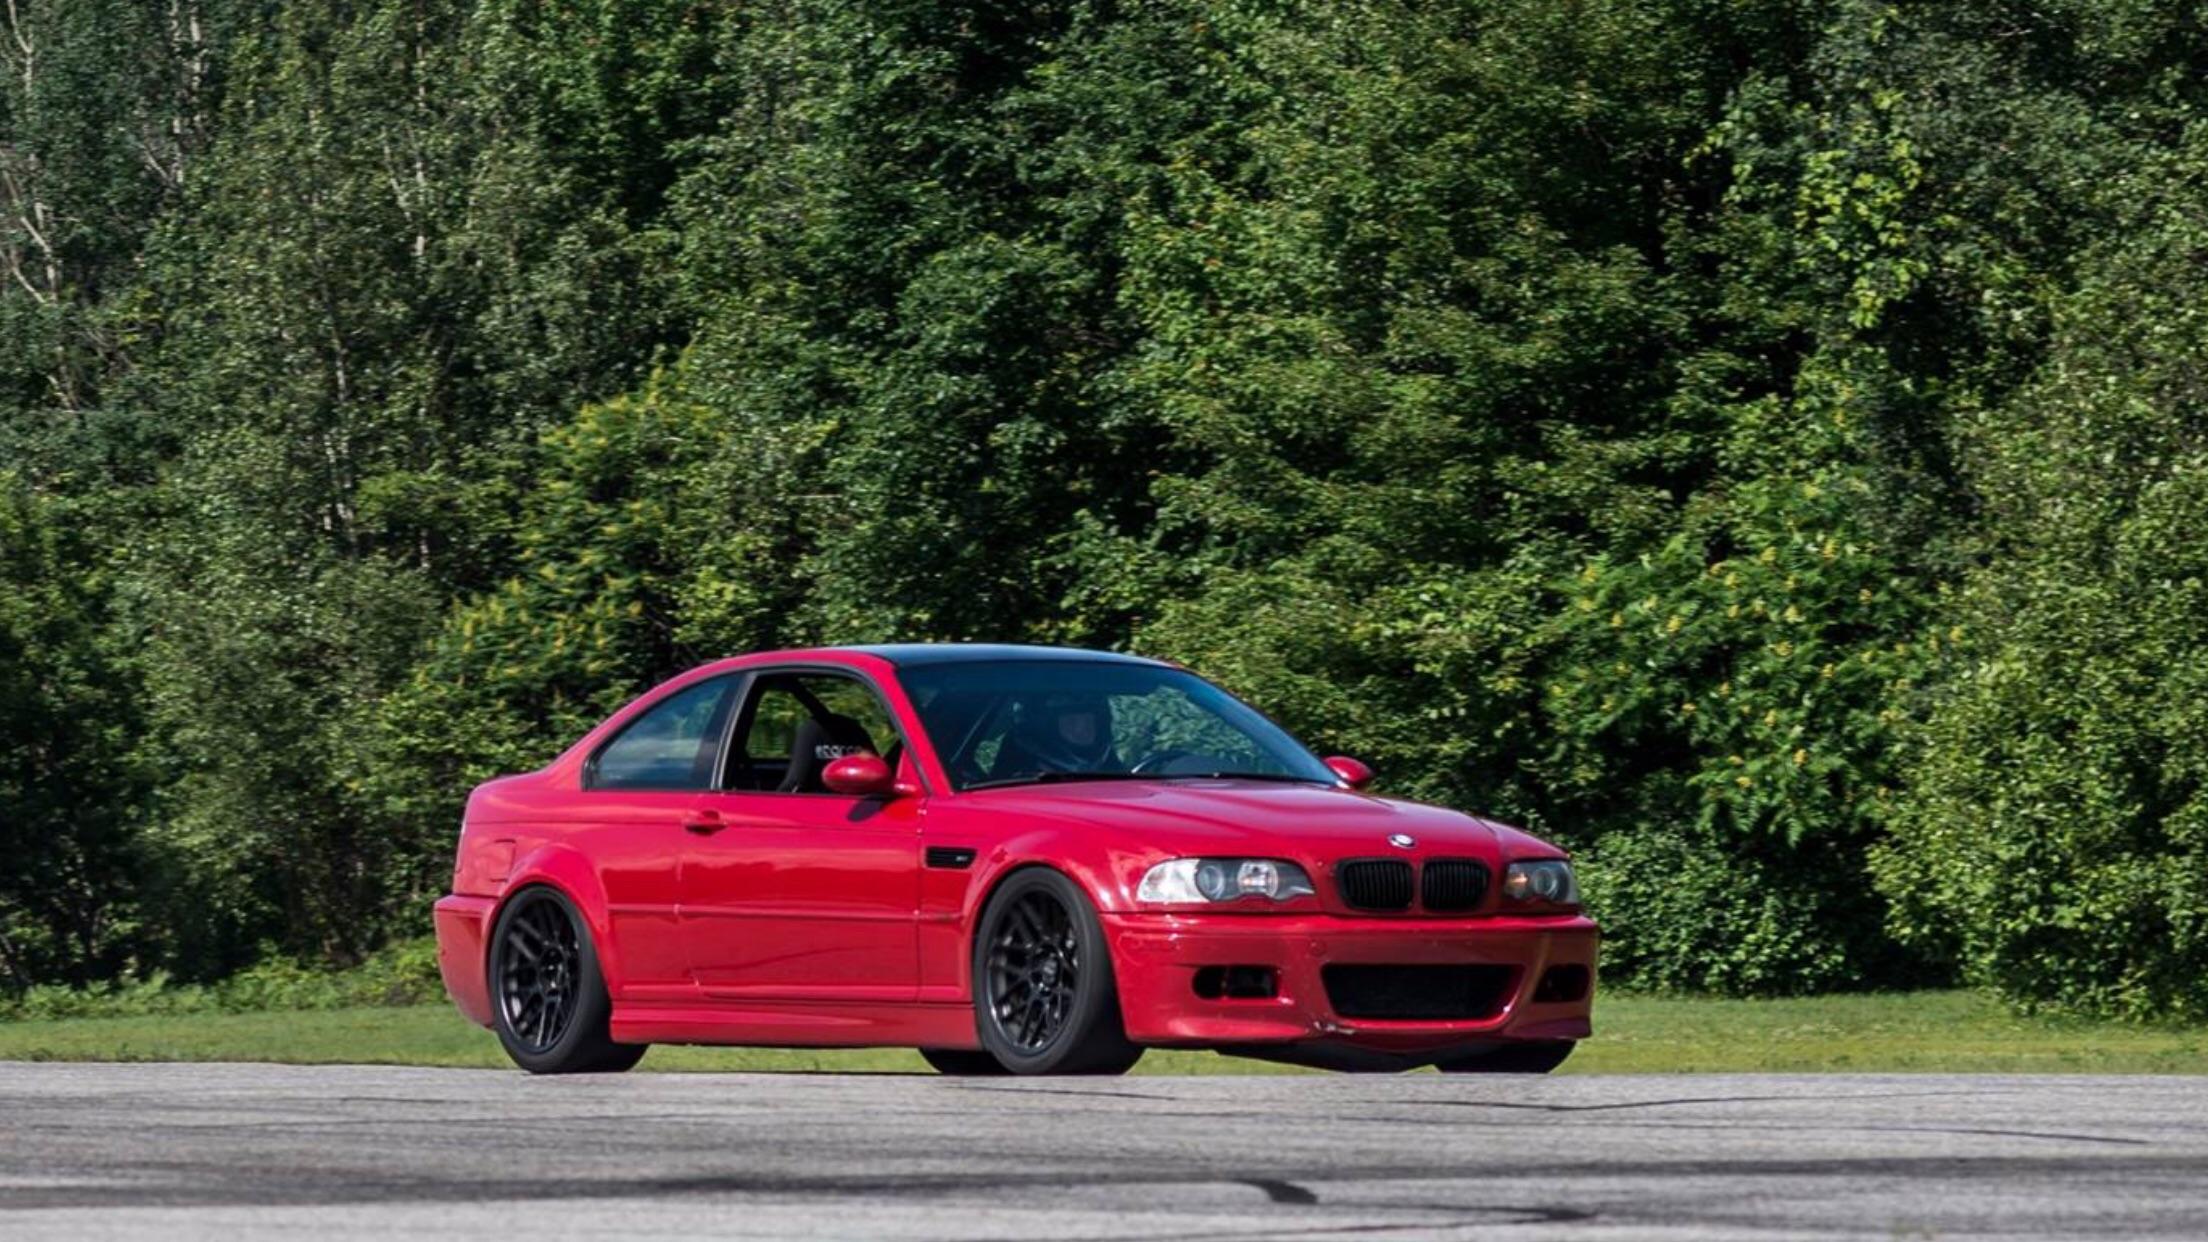 Bill Of Sale Kansas >> BMW E46 M3 Race Car For Sale - $18000